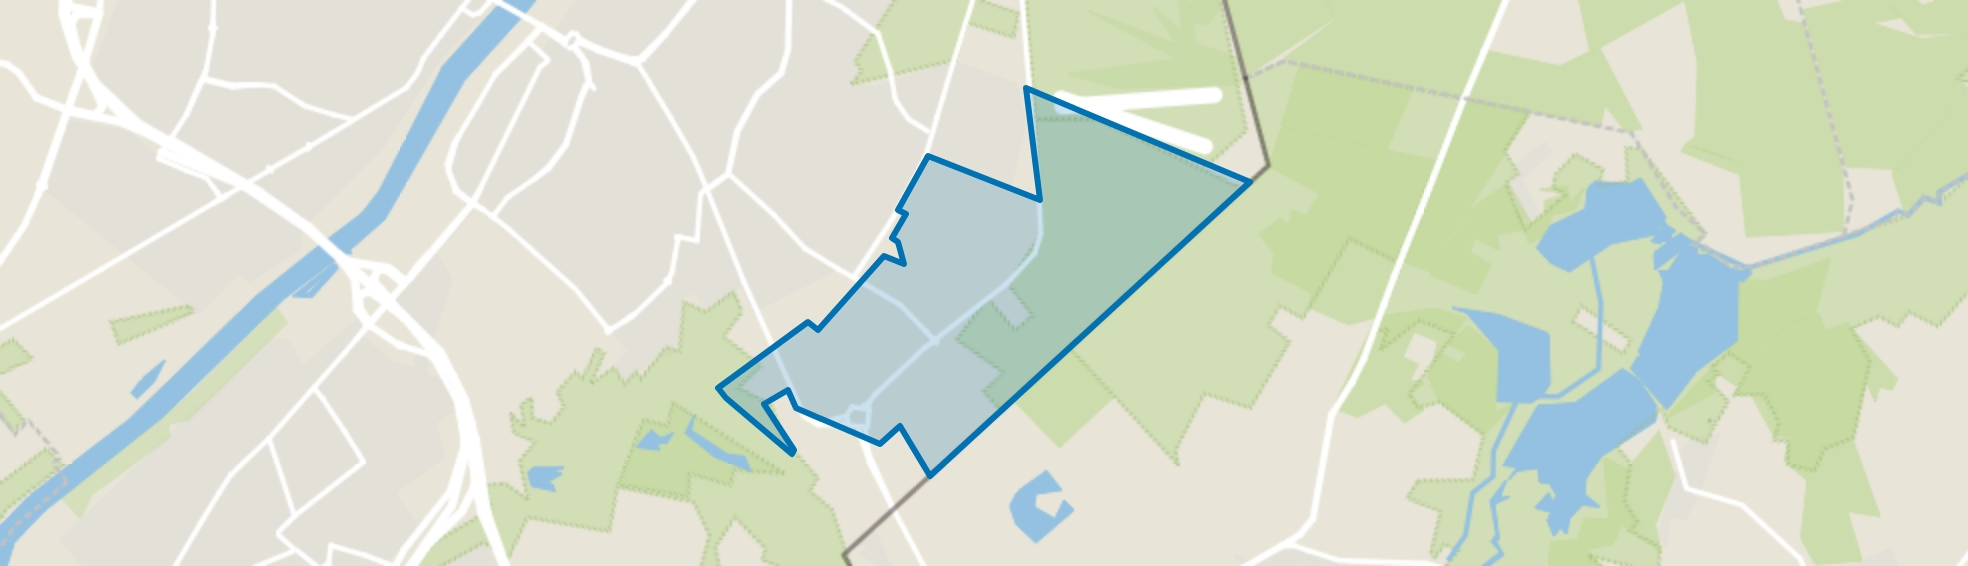 Grote Hei, Venlo map